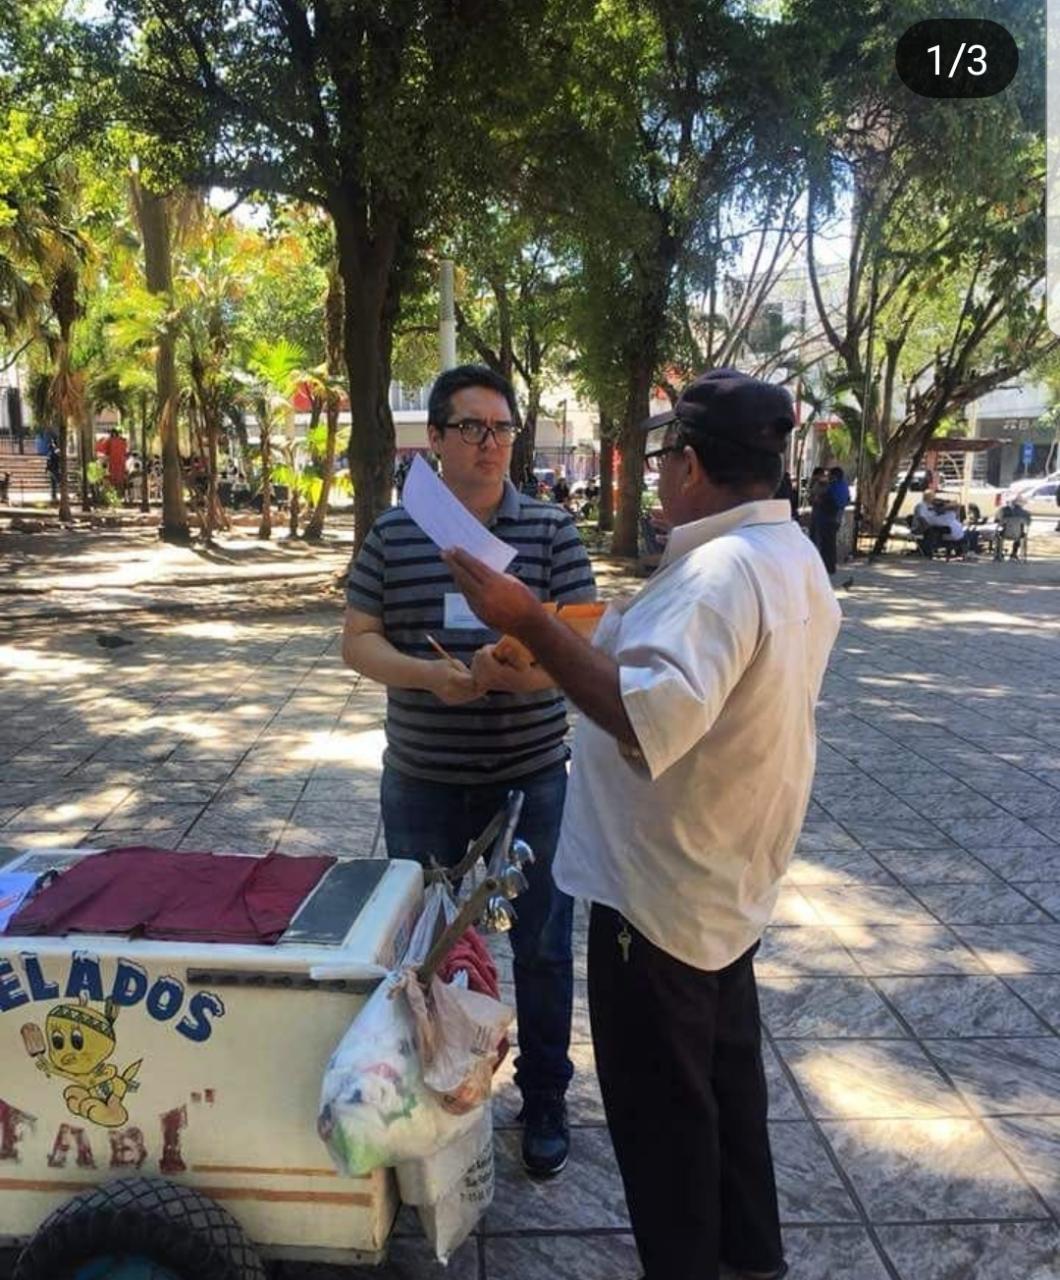 Silber Meza, director de Inicaitiva Sinaloa en encuesta a ciudadanos de culiacán